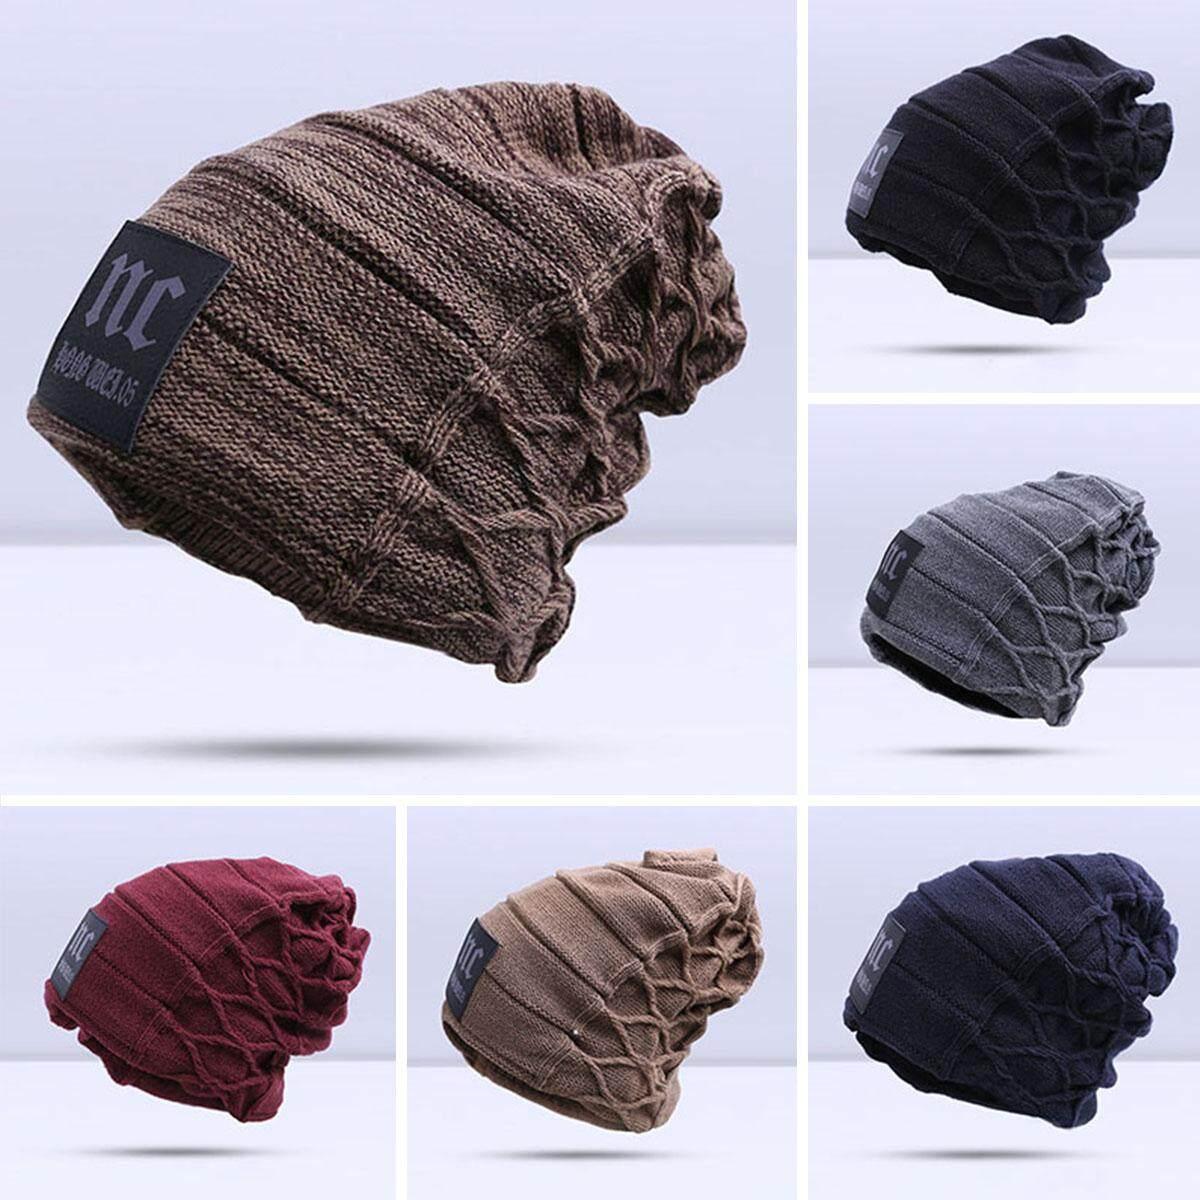 8ff8f15f3 Evrfelan Knitted Velvet Thickness Warm Winter Hat. Man Skullies Hat Caps  Men S Warm Winter Beanie Hat Fashion Bonnet Gorros